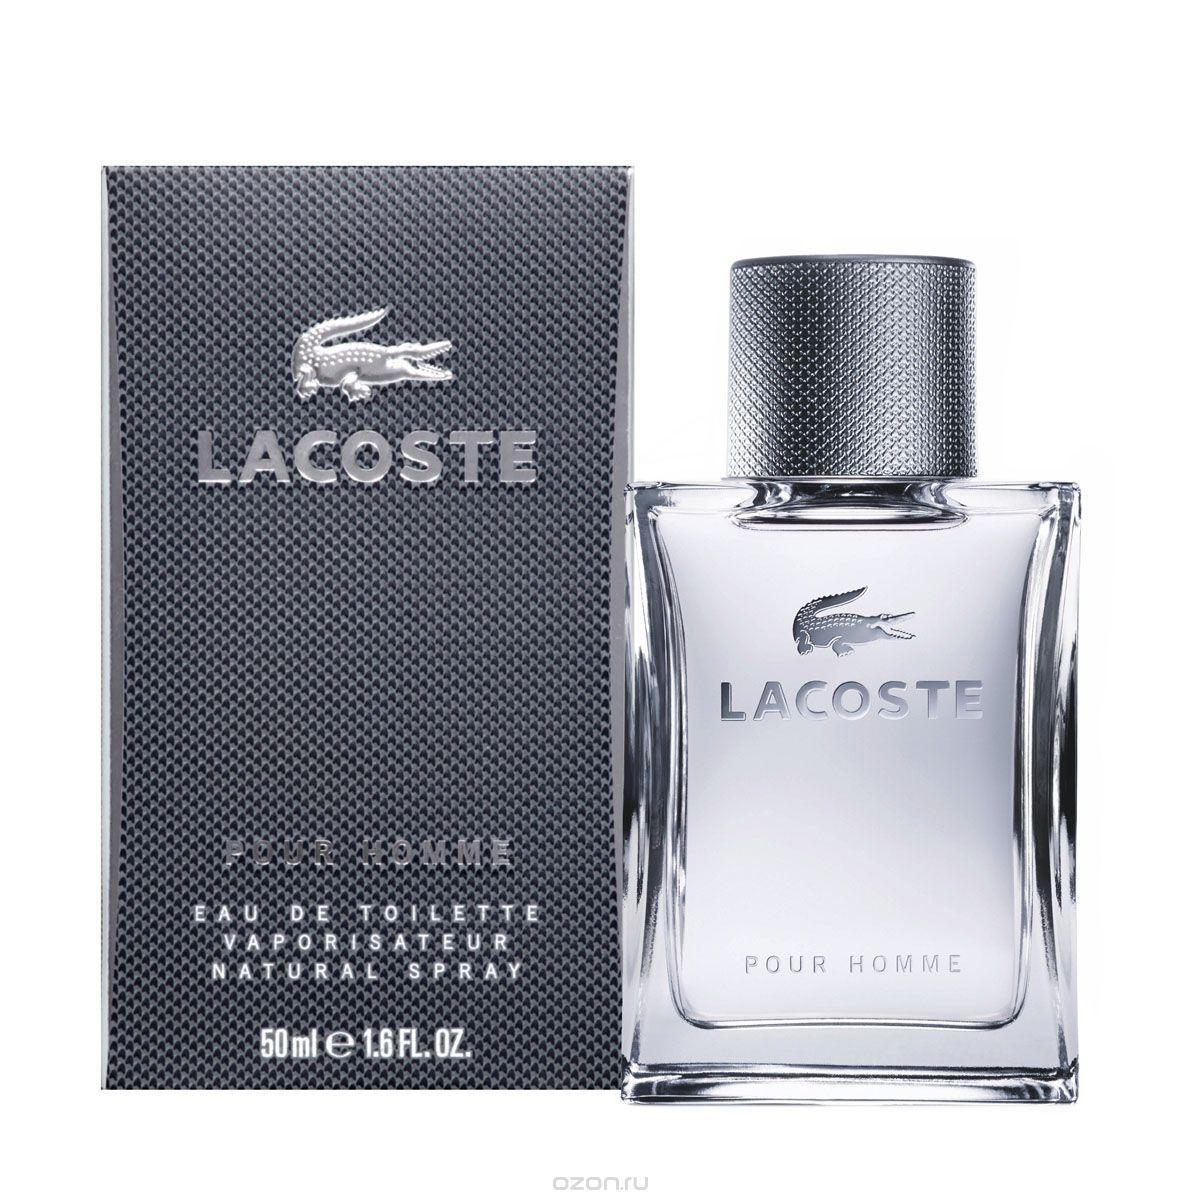 Lacoste Pour Homme Eau de Toilette 50 ml Spray